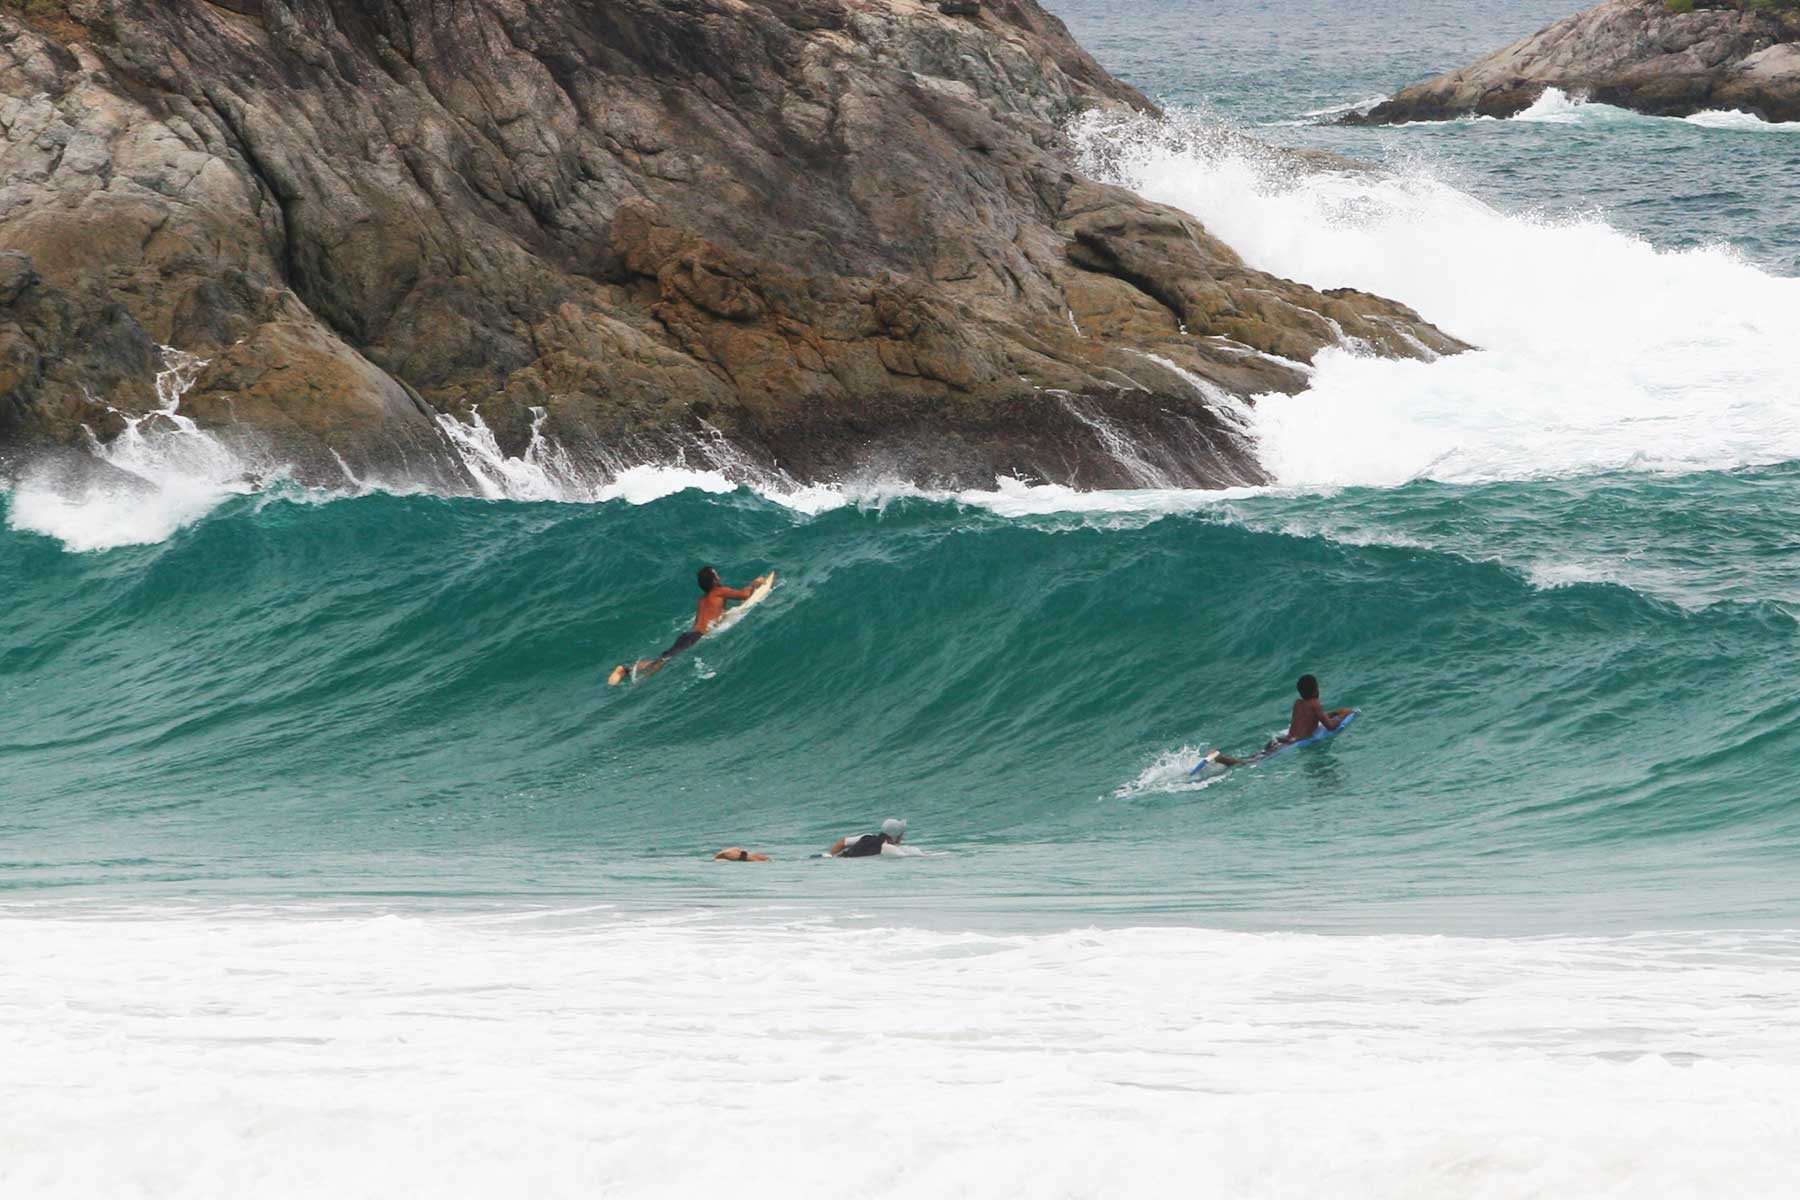 Nai Harn Beach - Surfing Thailand Kata Beach - Surf Tourism Research - Dr Steven Martin - Surf Science Andaman Sea